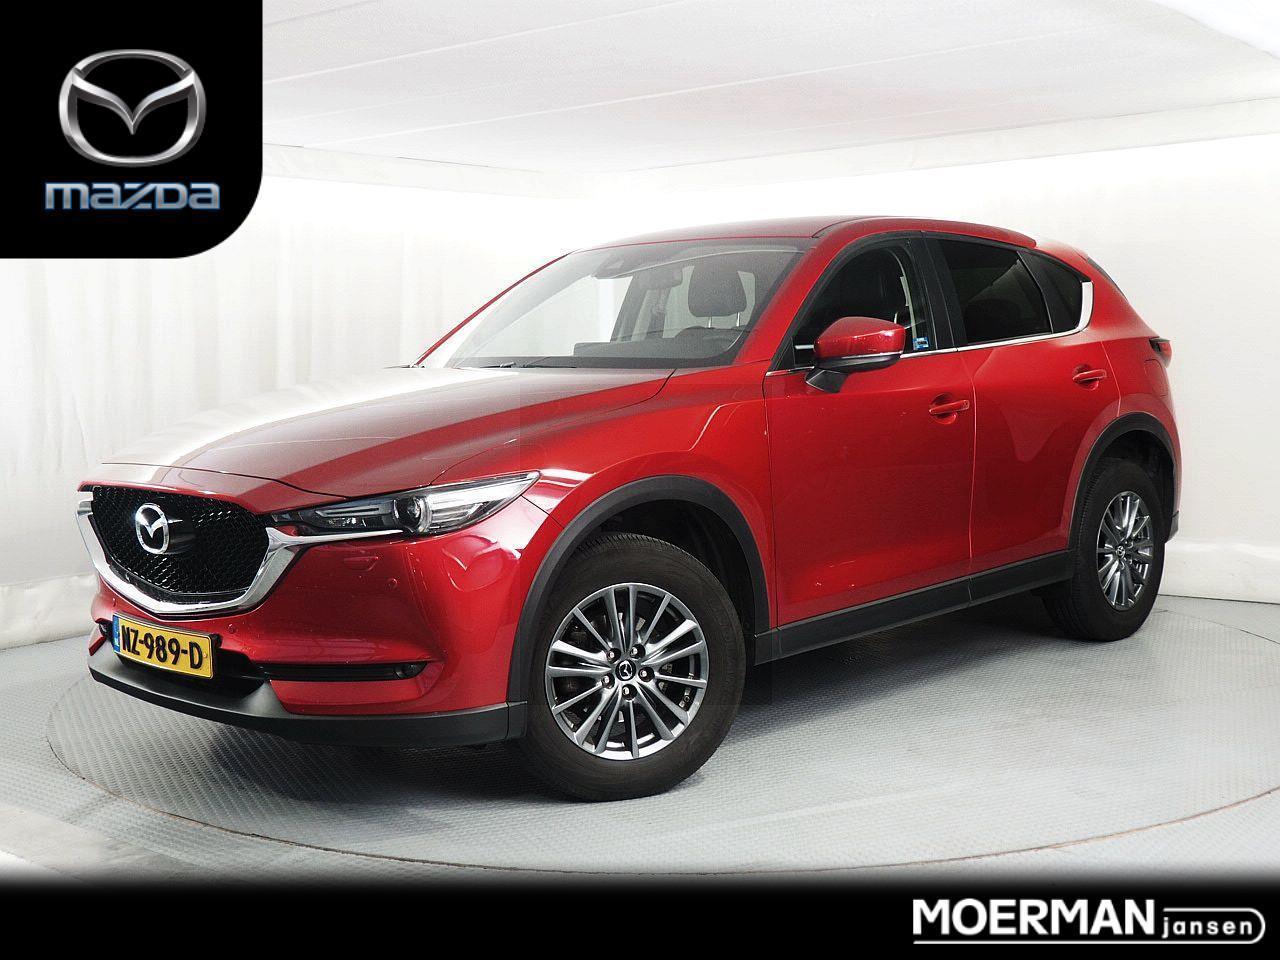 Mazda Cx-5 2.0 gt / 1e eigenaar / dealer onderhouden / leder / navigatie